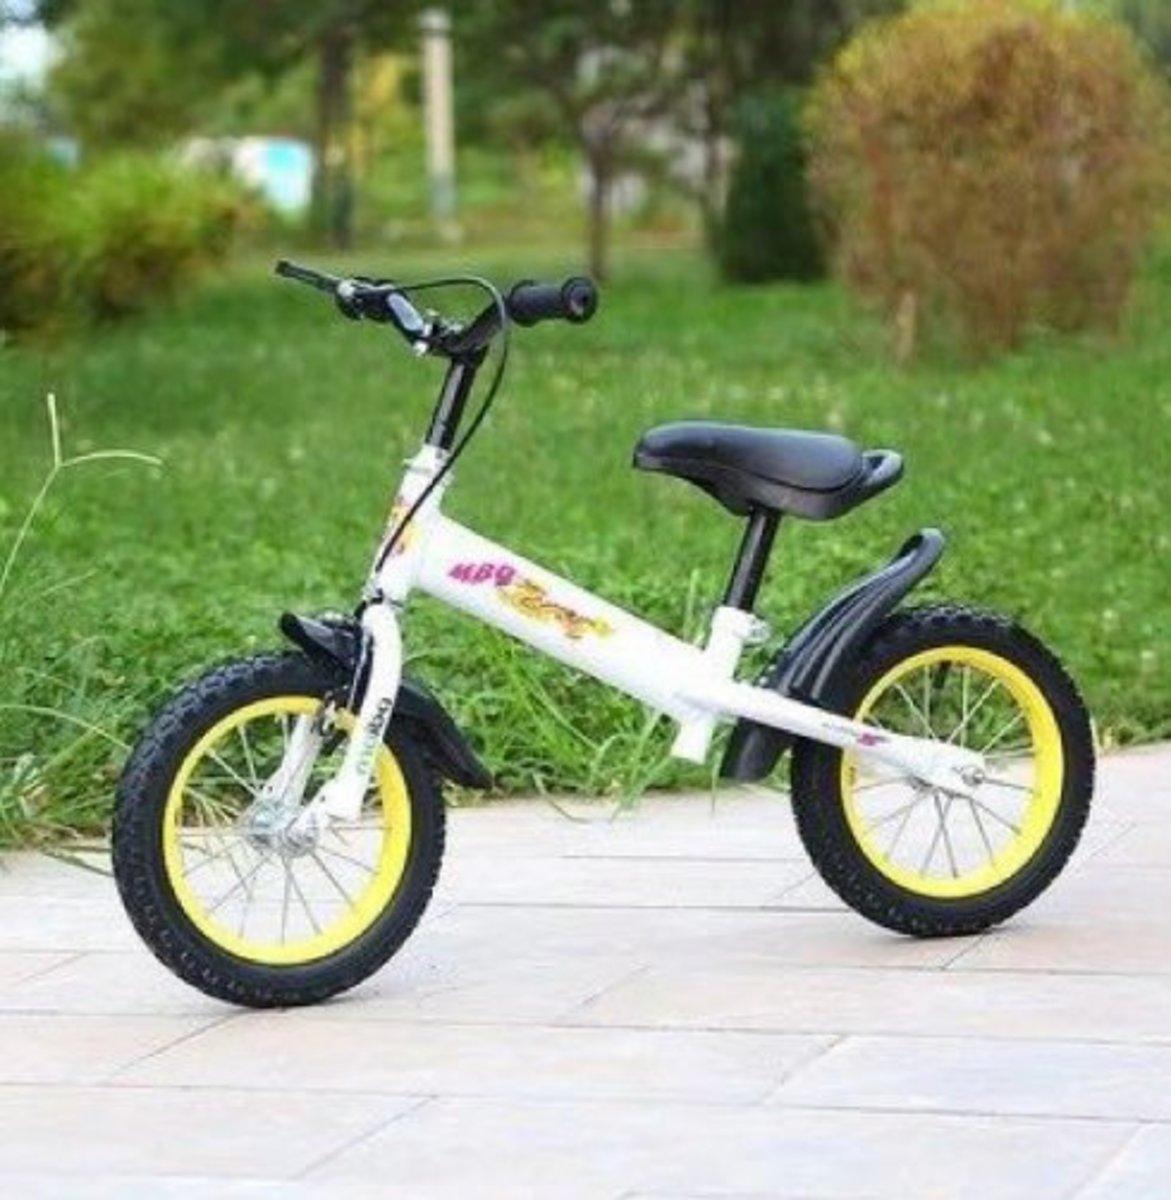 兒童平衡滑步單車(白色 14寸)適合3-5歲